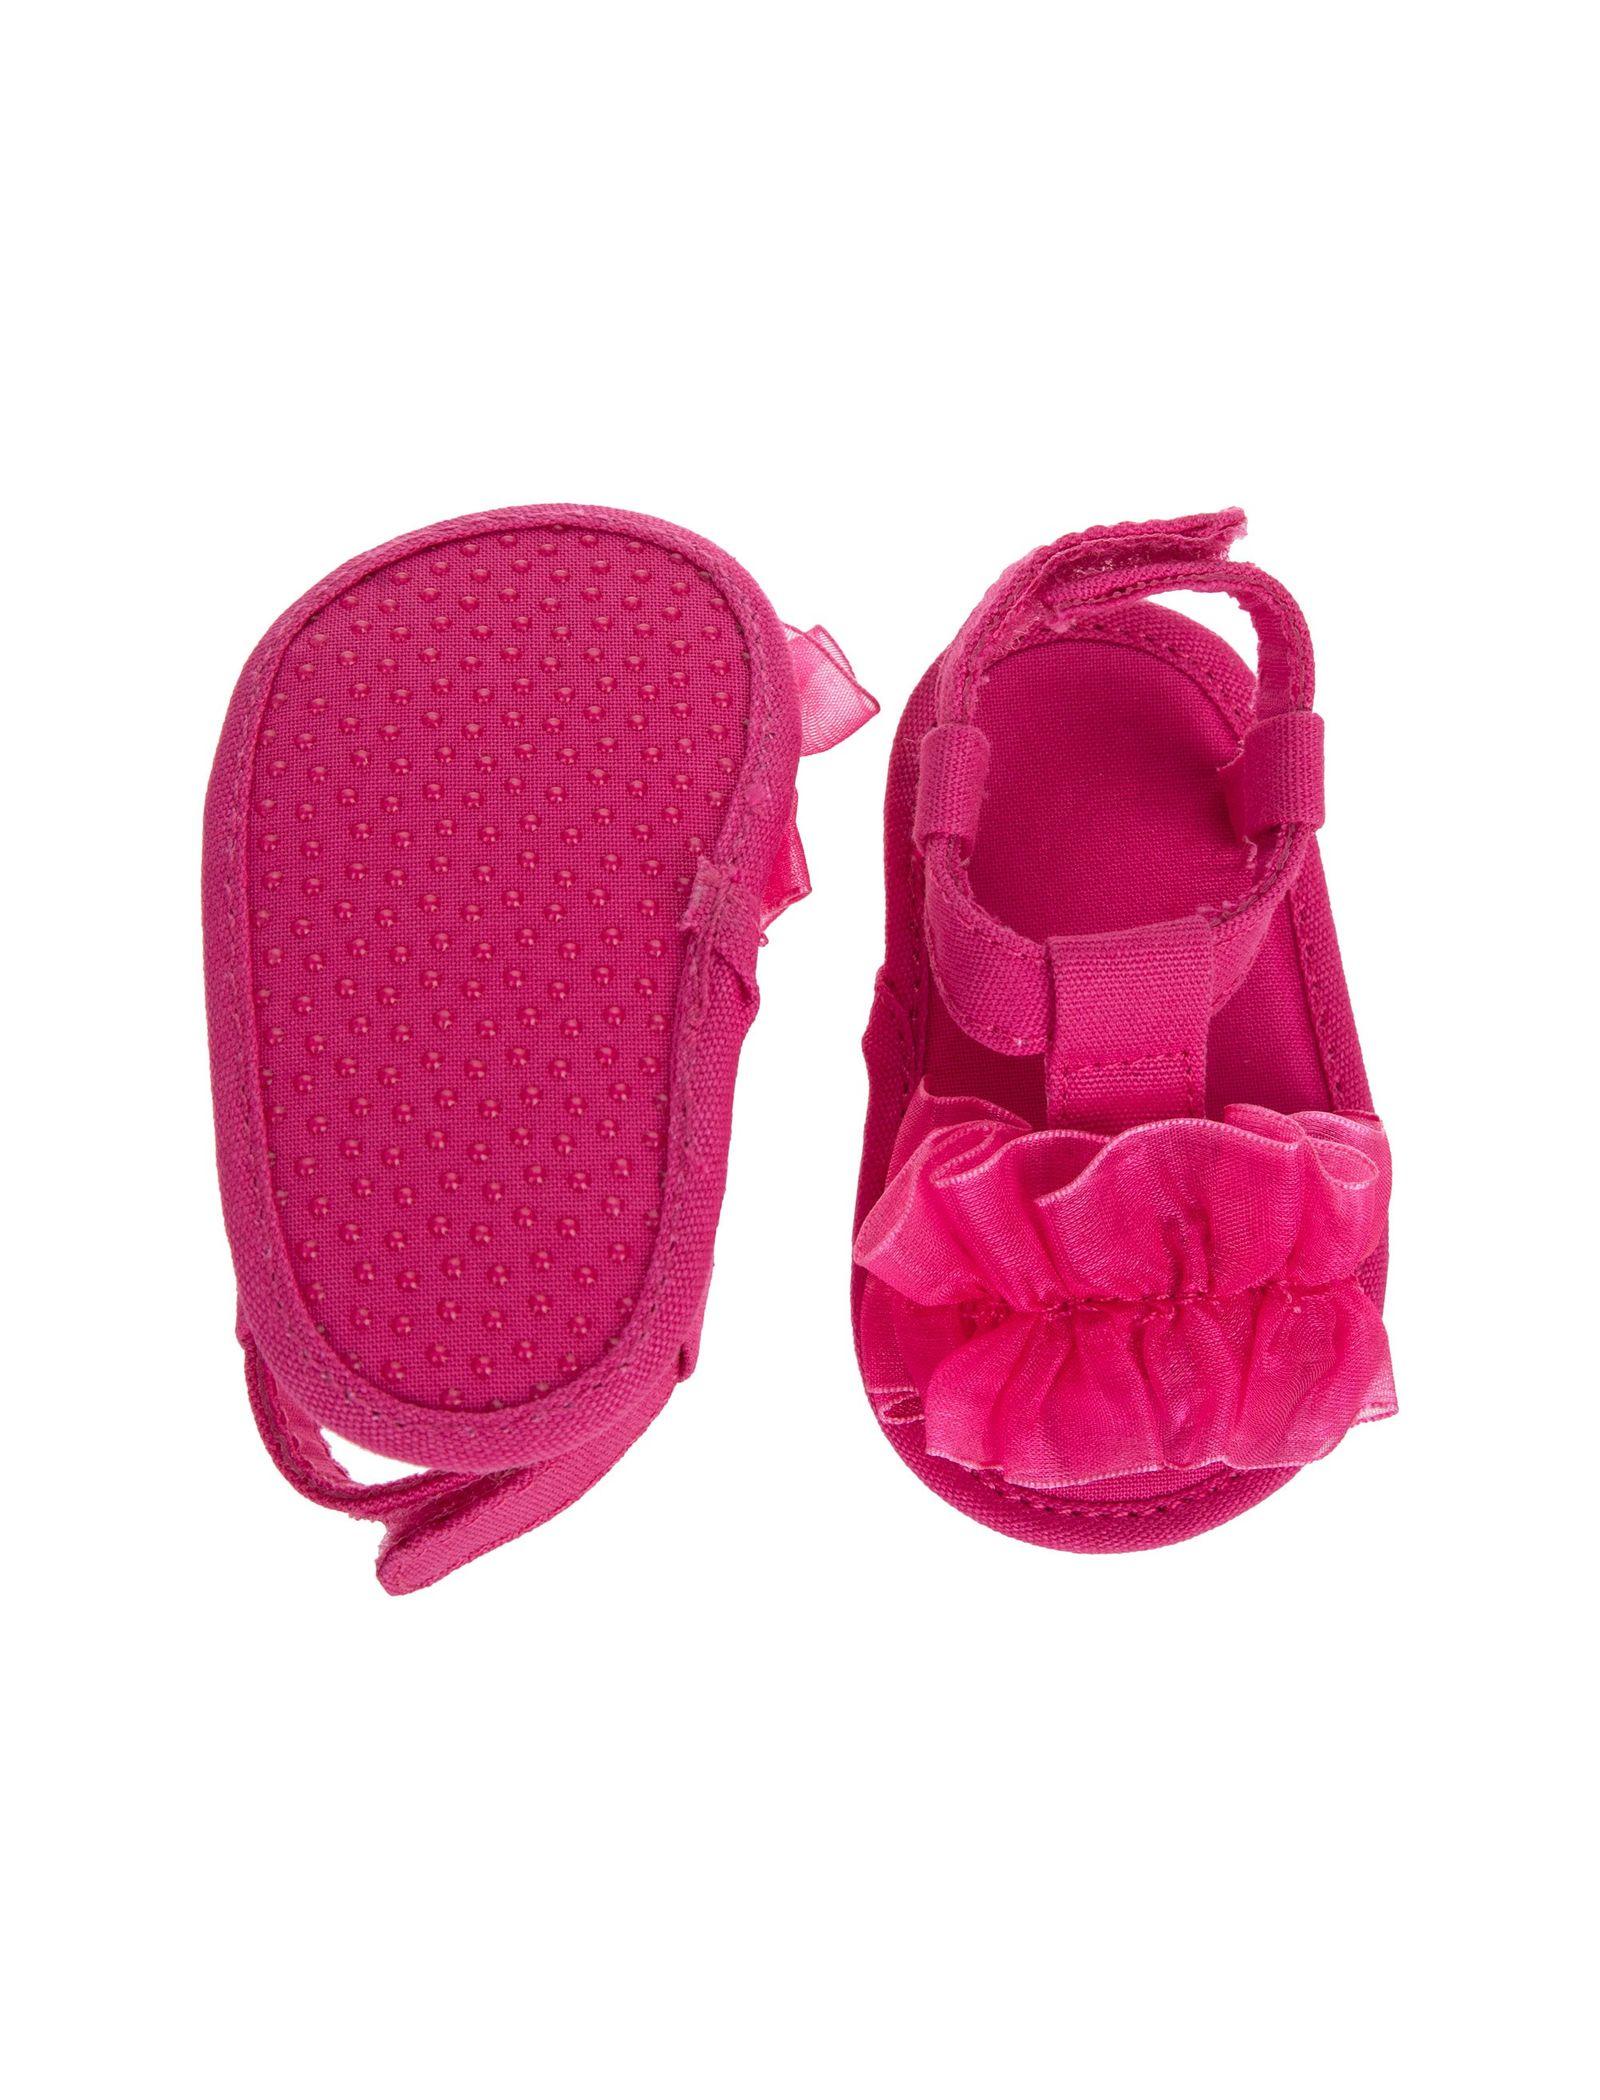 کفش چسبی نوزادی دخترانه - بلوکیدز - صورتي - 6